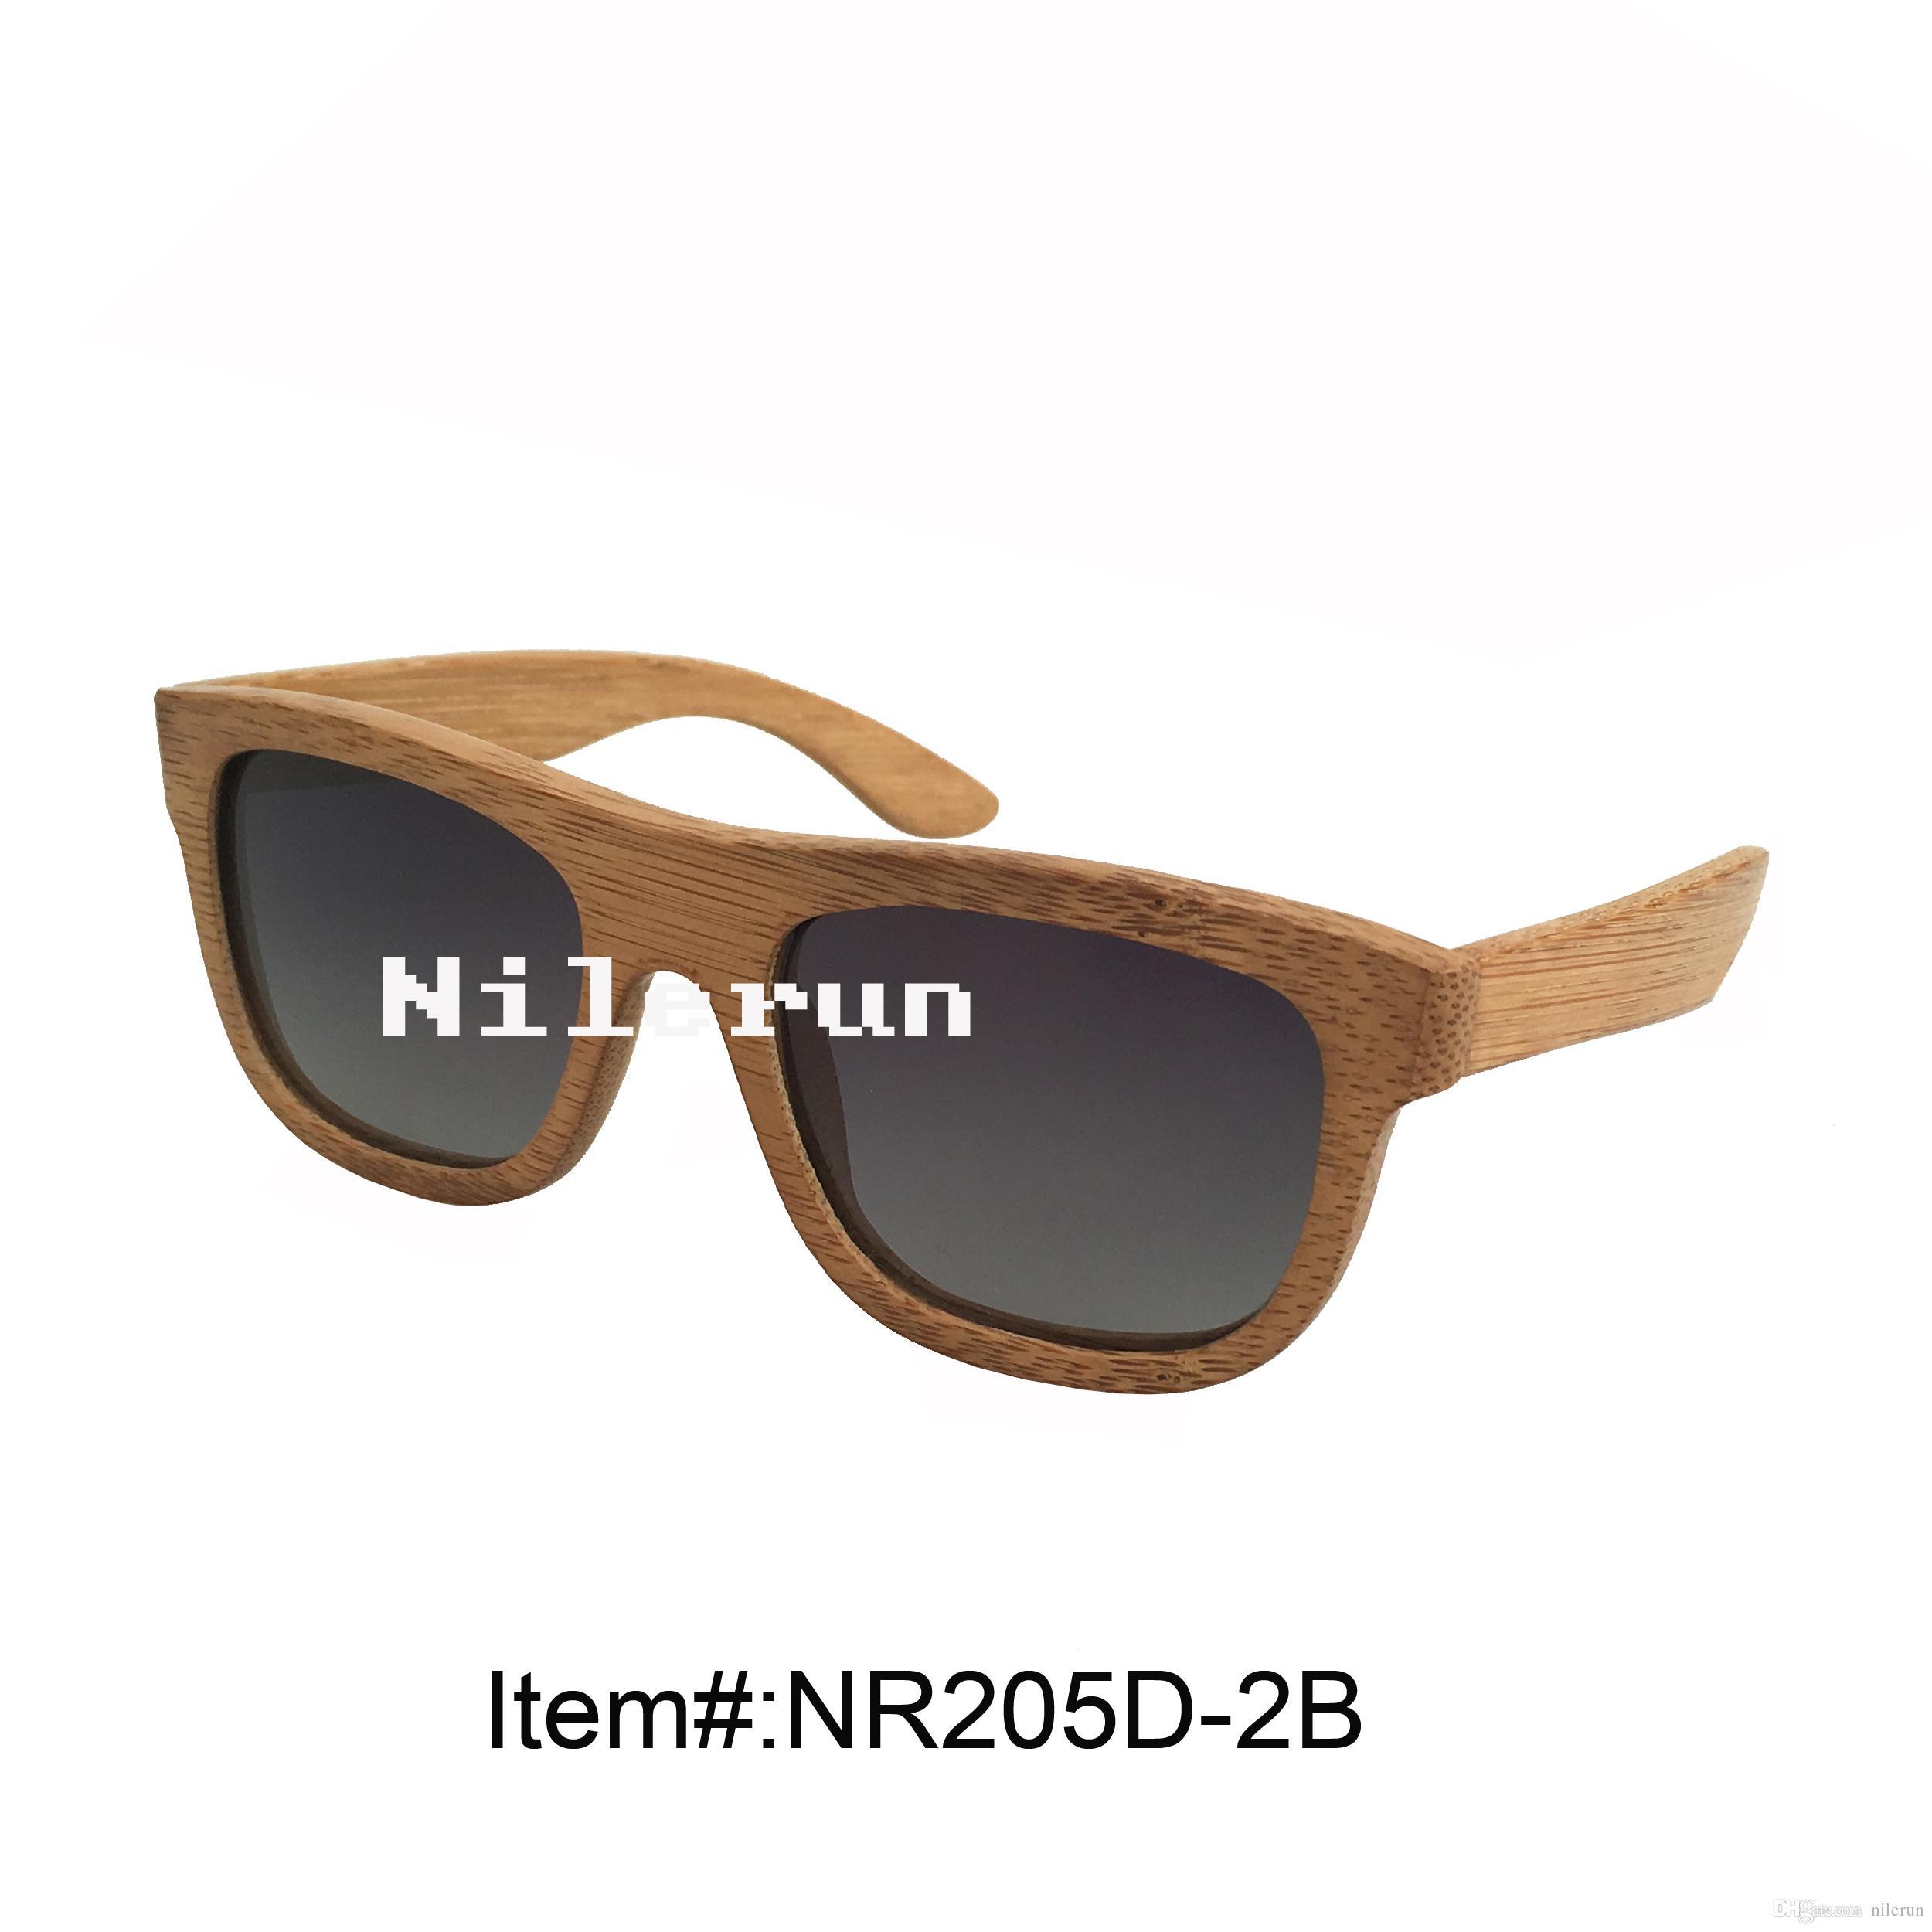 Sonnenbrillen aus karbonisierter Bambusbrille